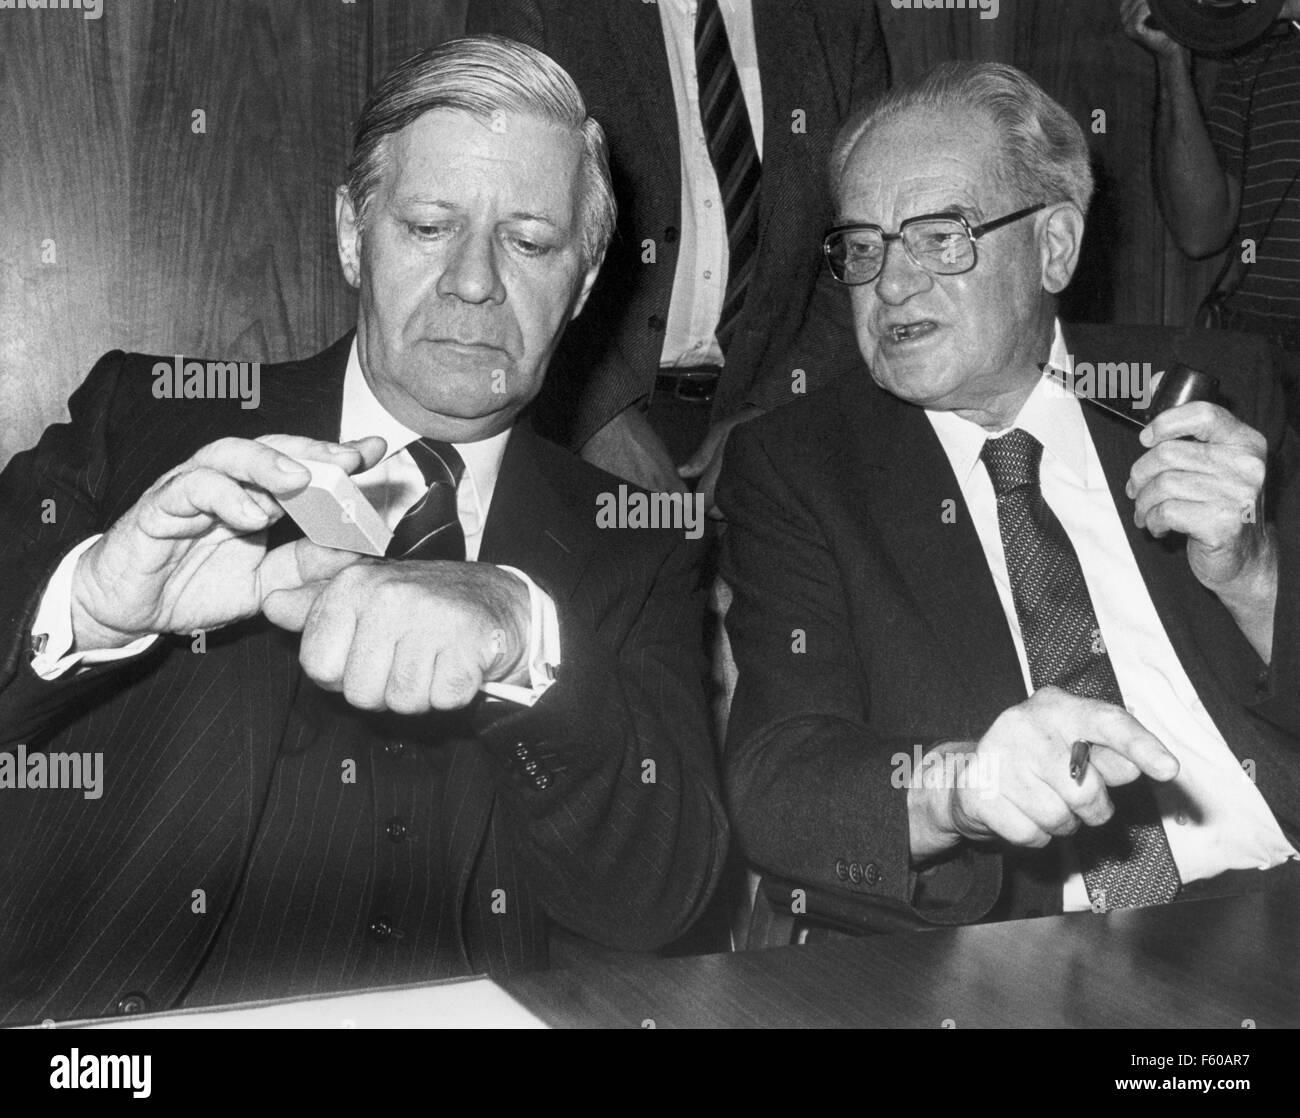 Le chancelier Helmut Schmidt (L) au cours d'un entretien avec le chef de faction Herbert Wehner (R) au cours de la réunion du parti SPD. La coalition SPD/FDP a pris fin avec la démission de la FDP quatre ministres le 17 septembre 1982. Banque D'Images